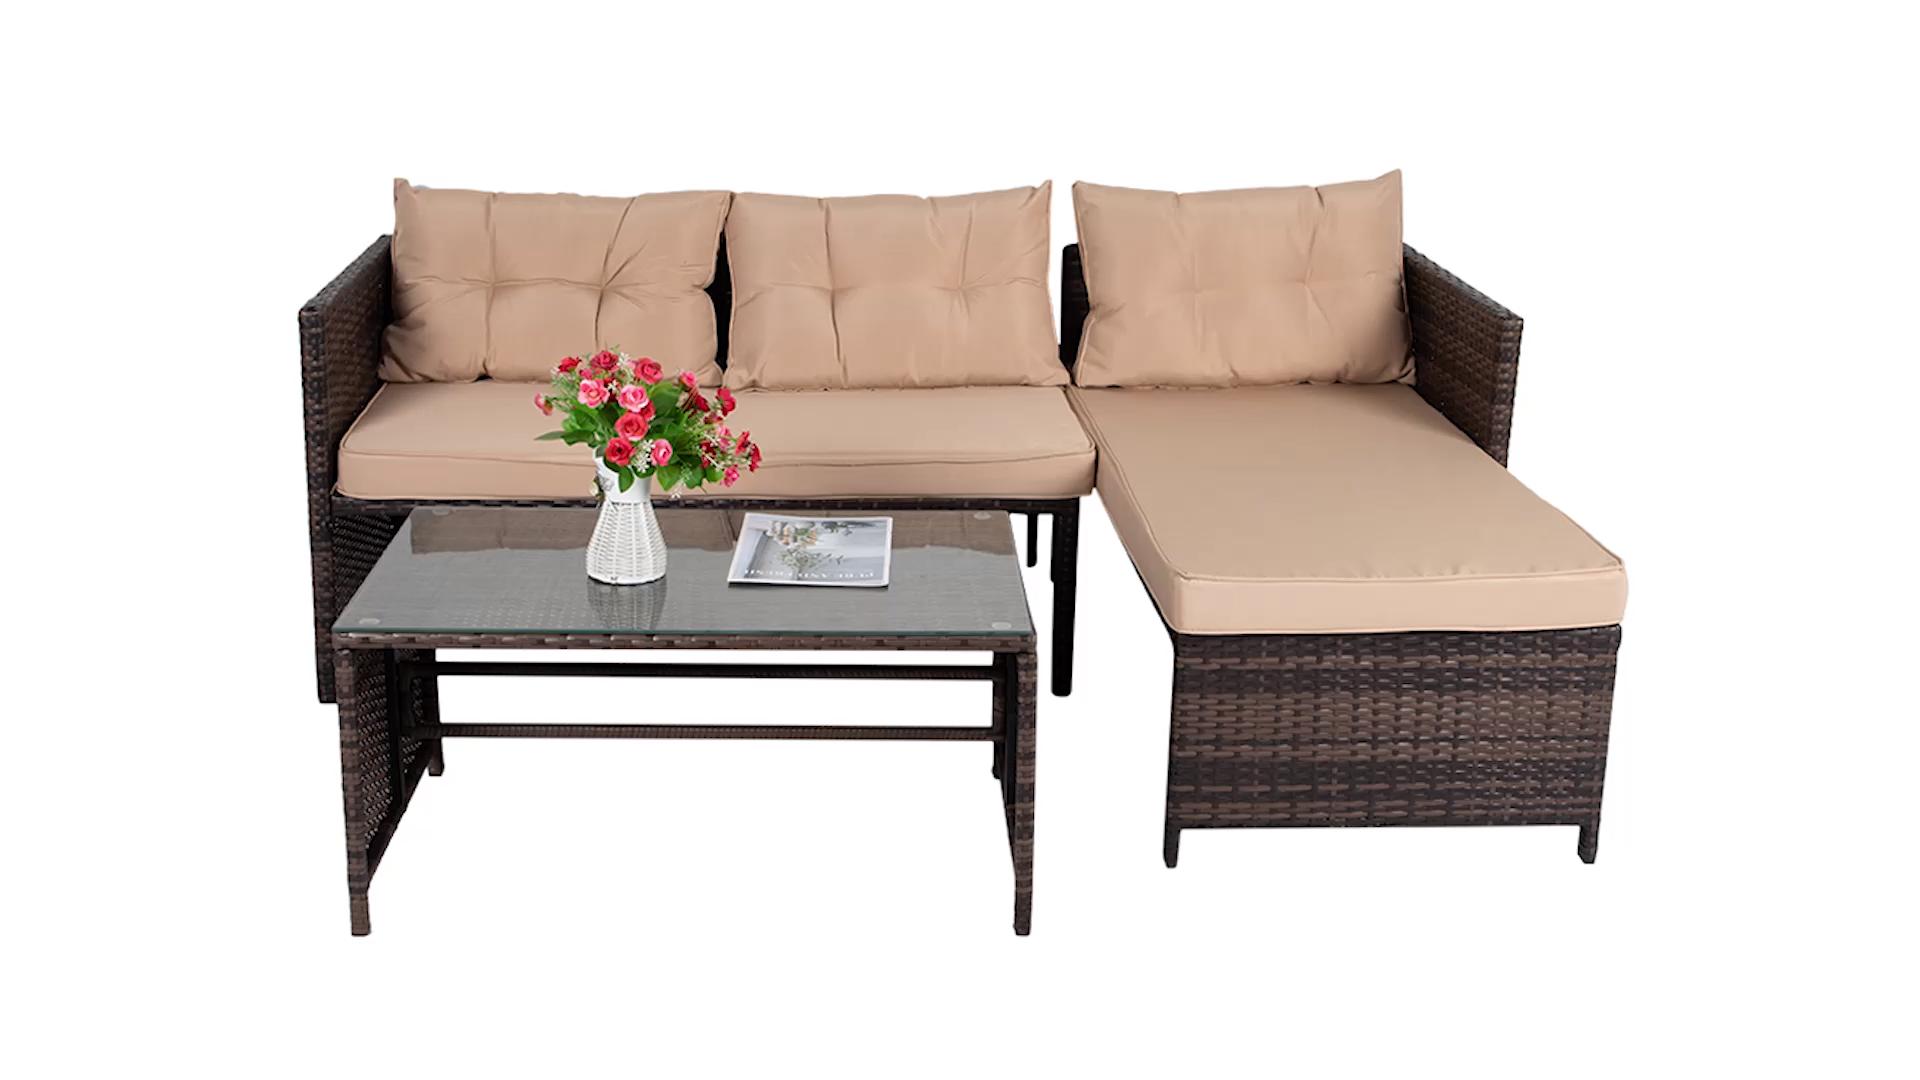 Patio al aire libre muebles de sofá de ratán de ocio muebles de jardín con cojines al aire libre muebles de jardín